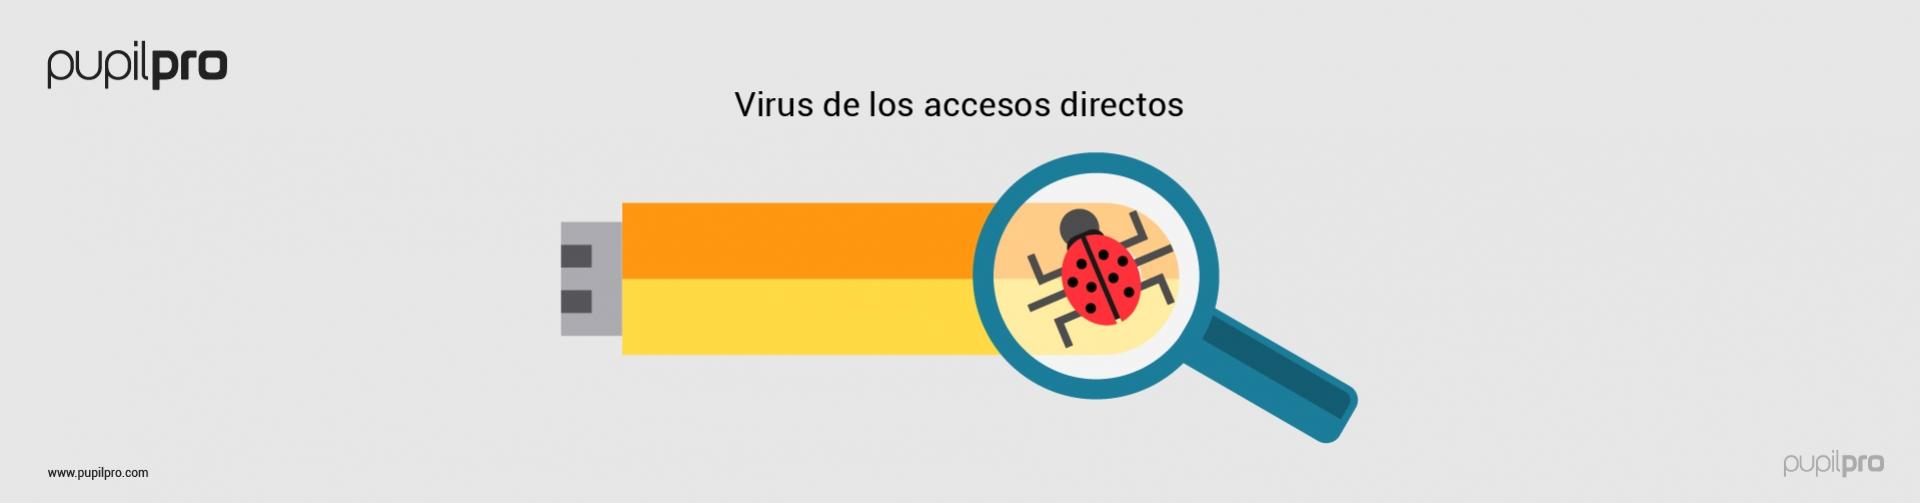 Desinfectar el virus de los accesos directos en los pendrives de colegios e institutos